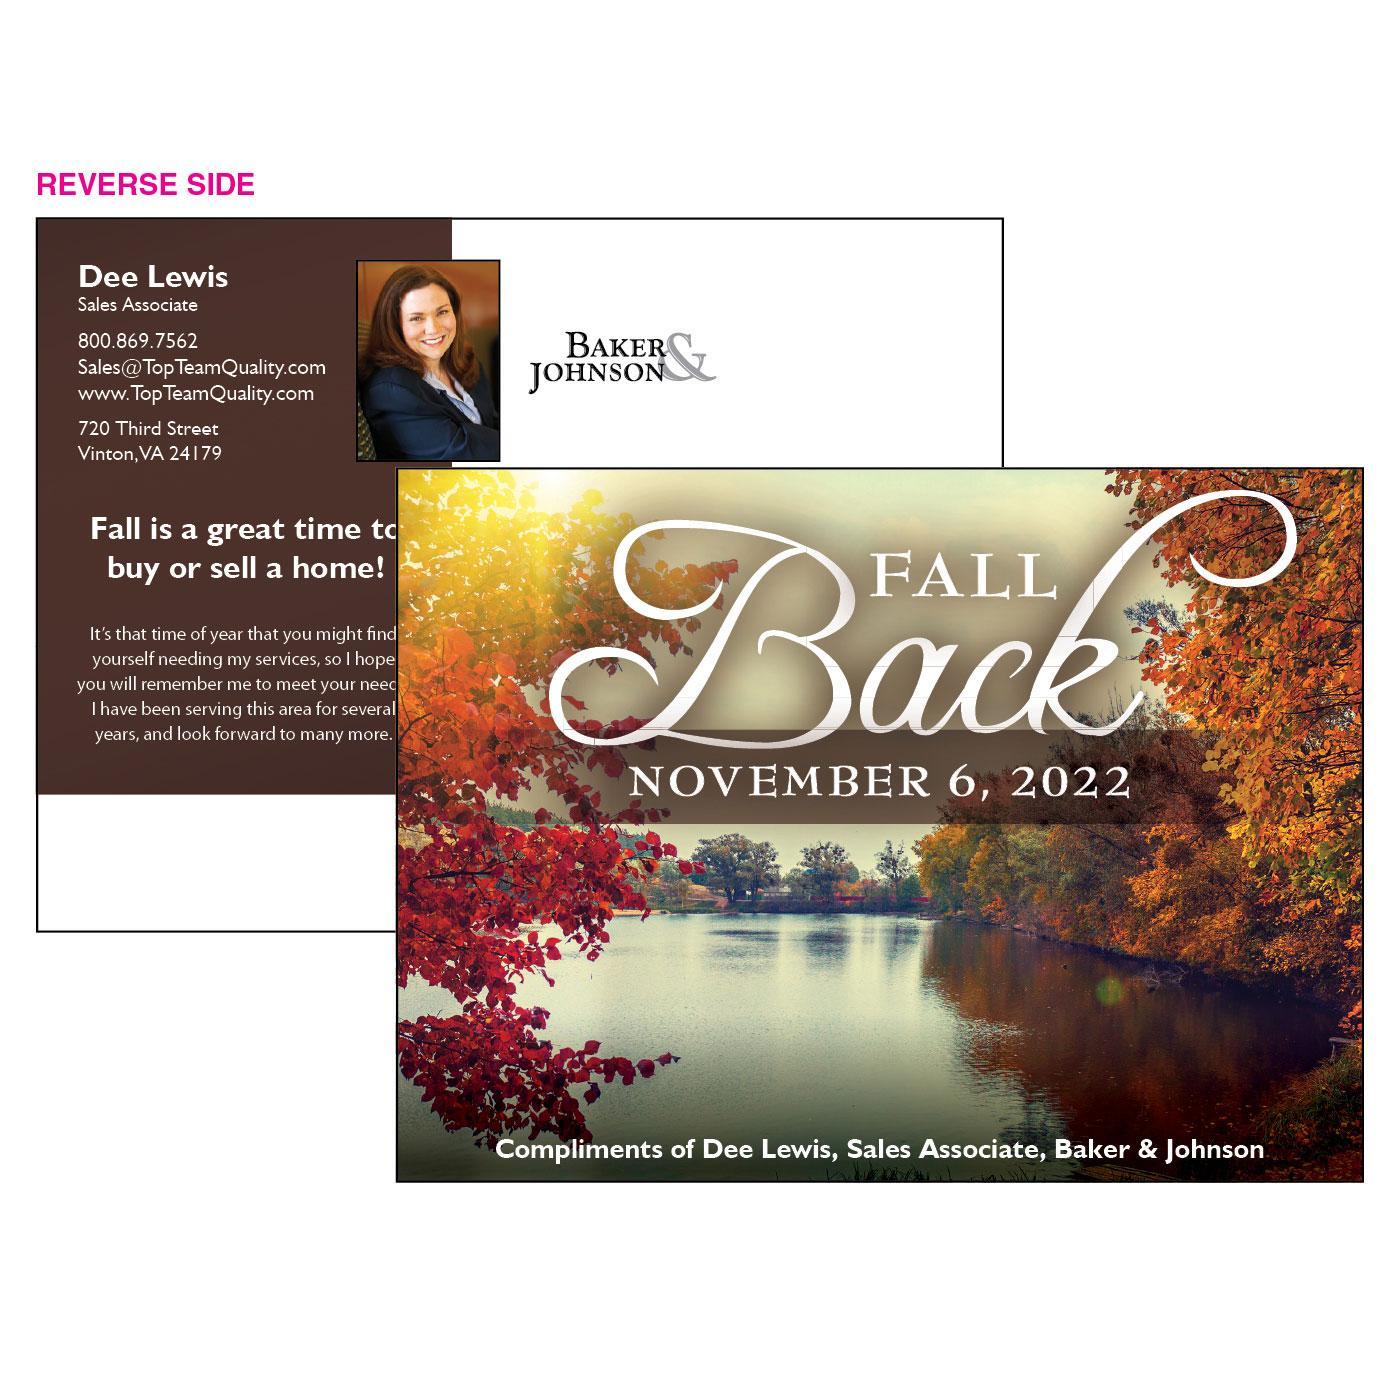 Fall Back at the Lake Post Card